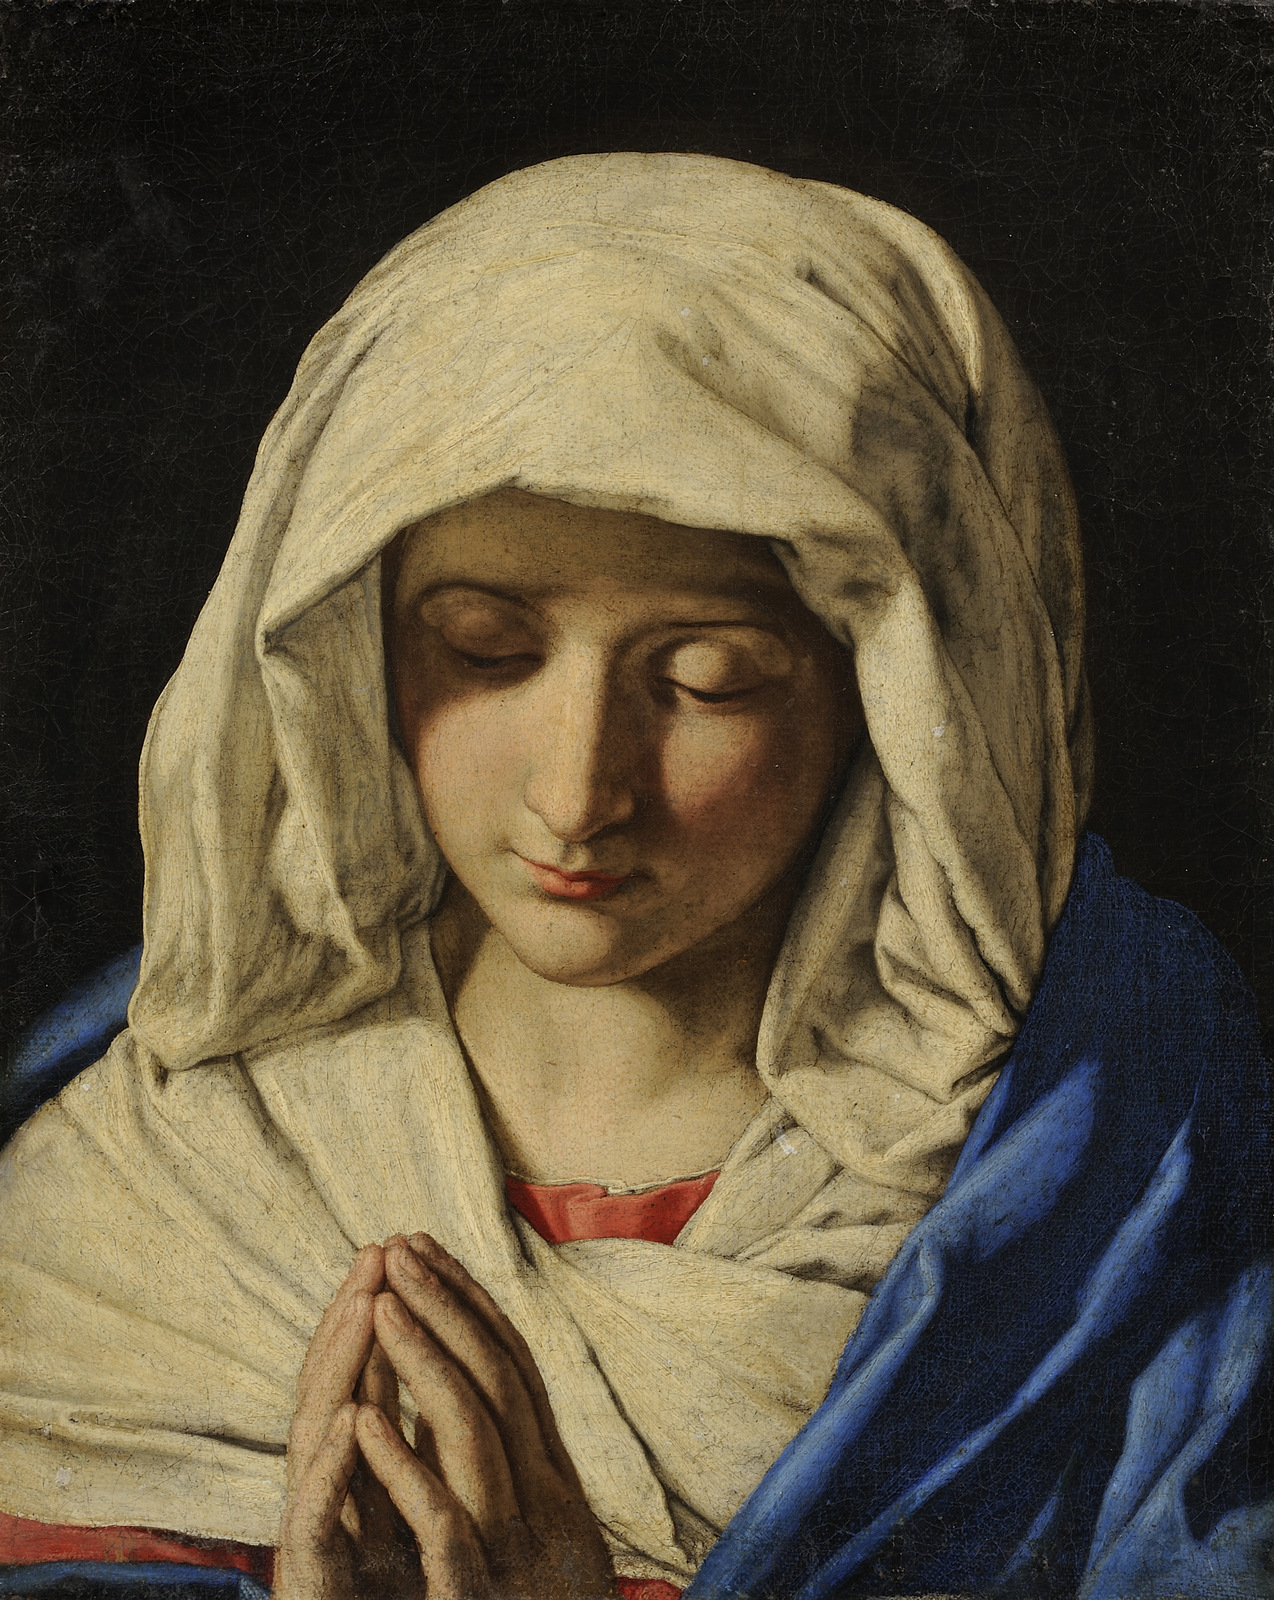 The Virgin at Prayer, Giovanni Battista Salvi da Sassoferrato, c. 1660